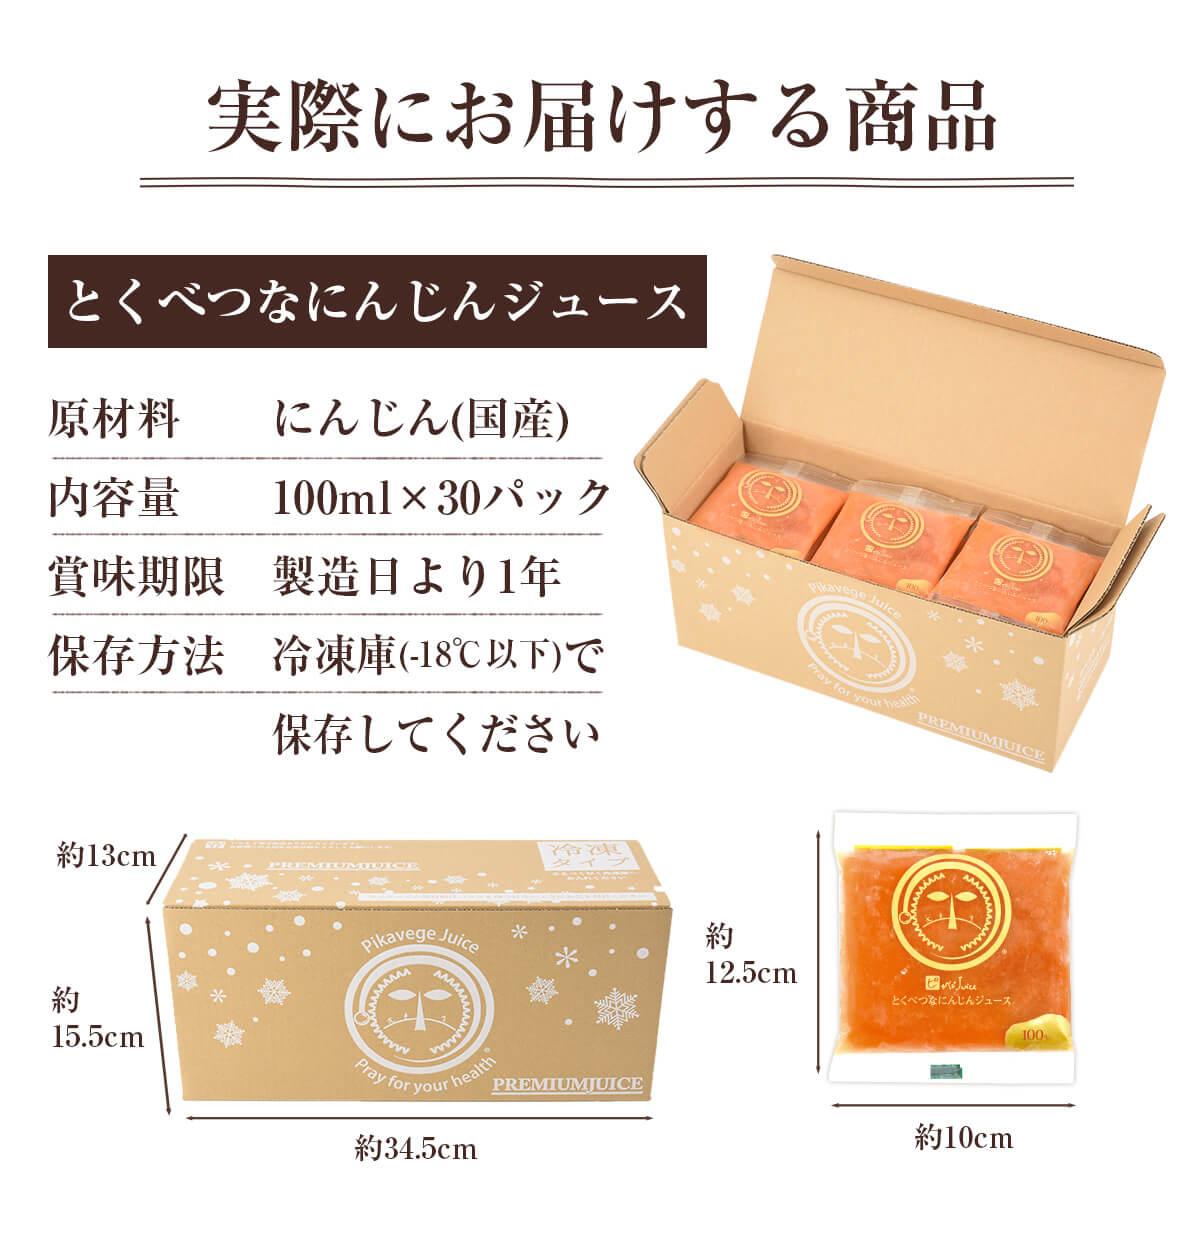 【2箱】無添加 人参100%ジュース ピカイチキャロット100 2箱(100cc×60パック)(旧:とくべつなにんじんジュース)にんじんジュース 冷凍 ストレート 野菜ジュース